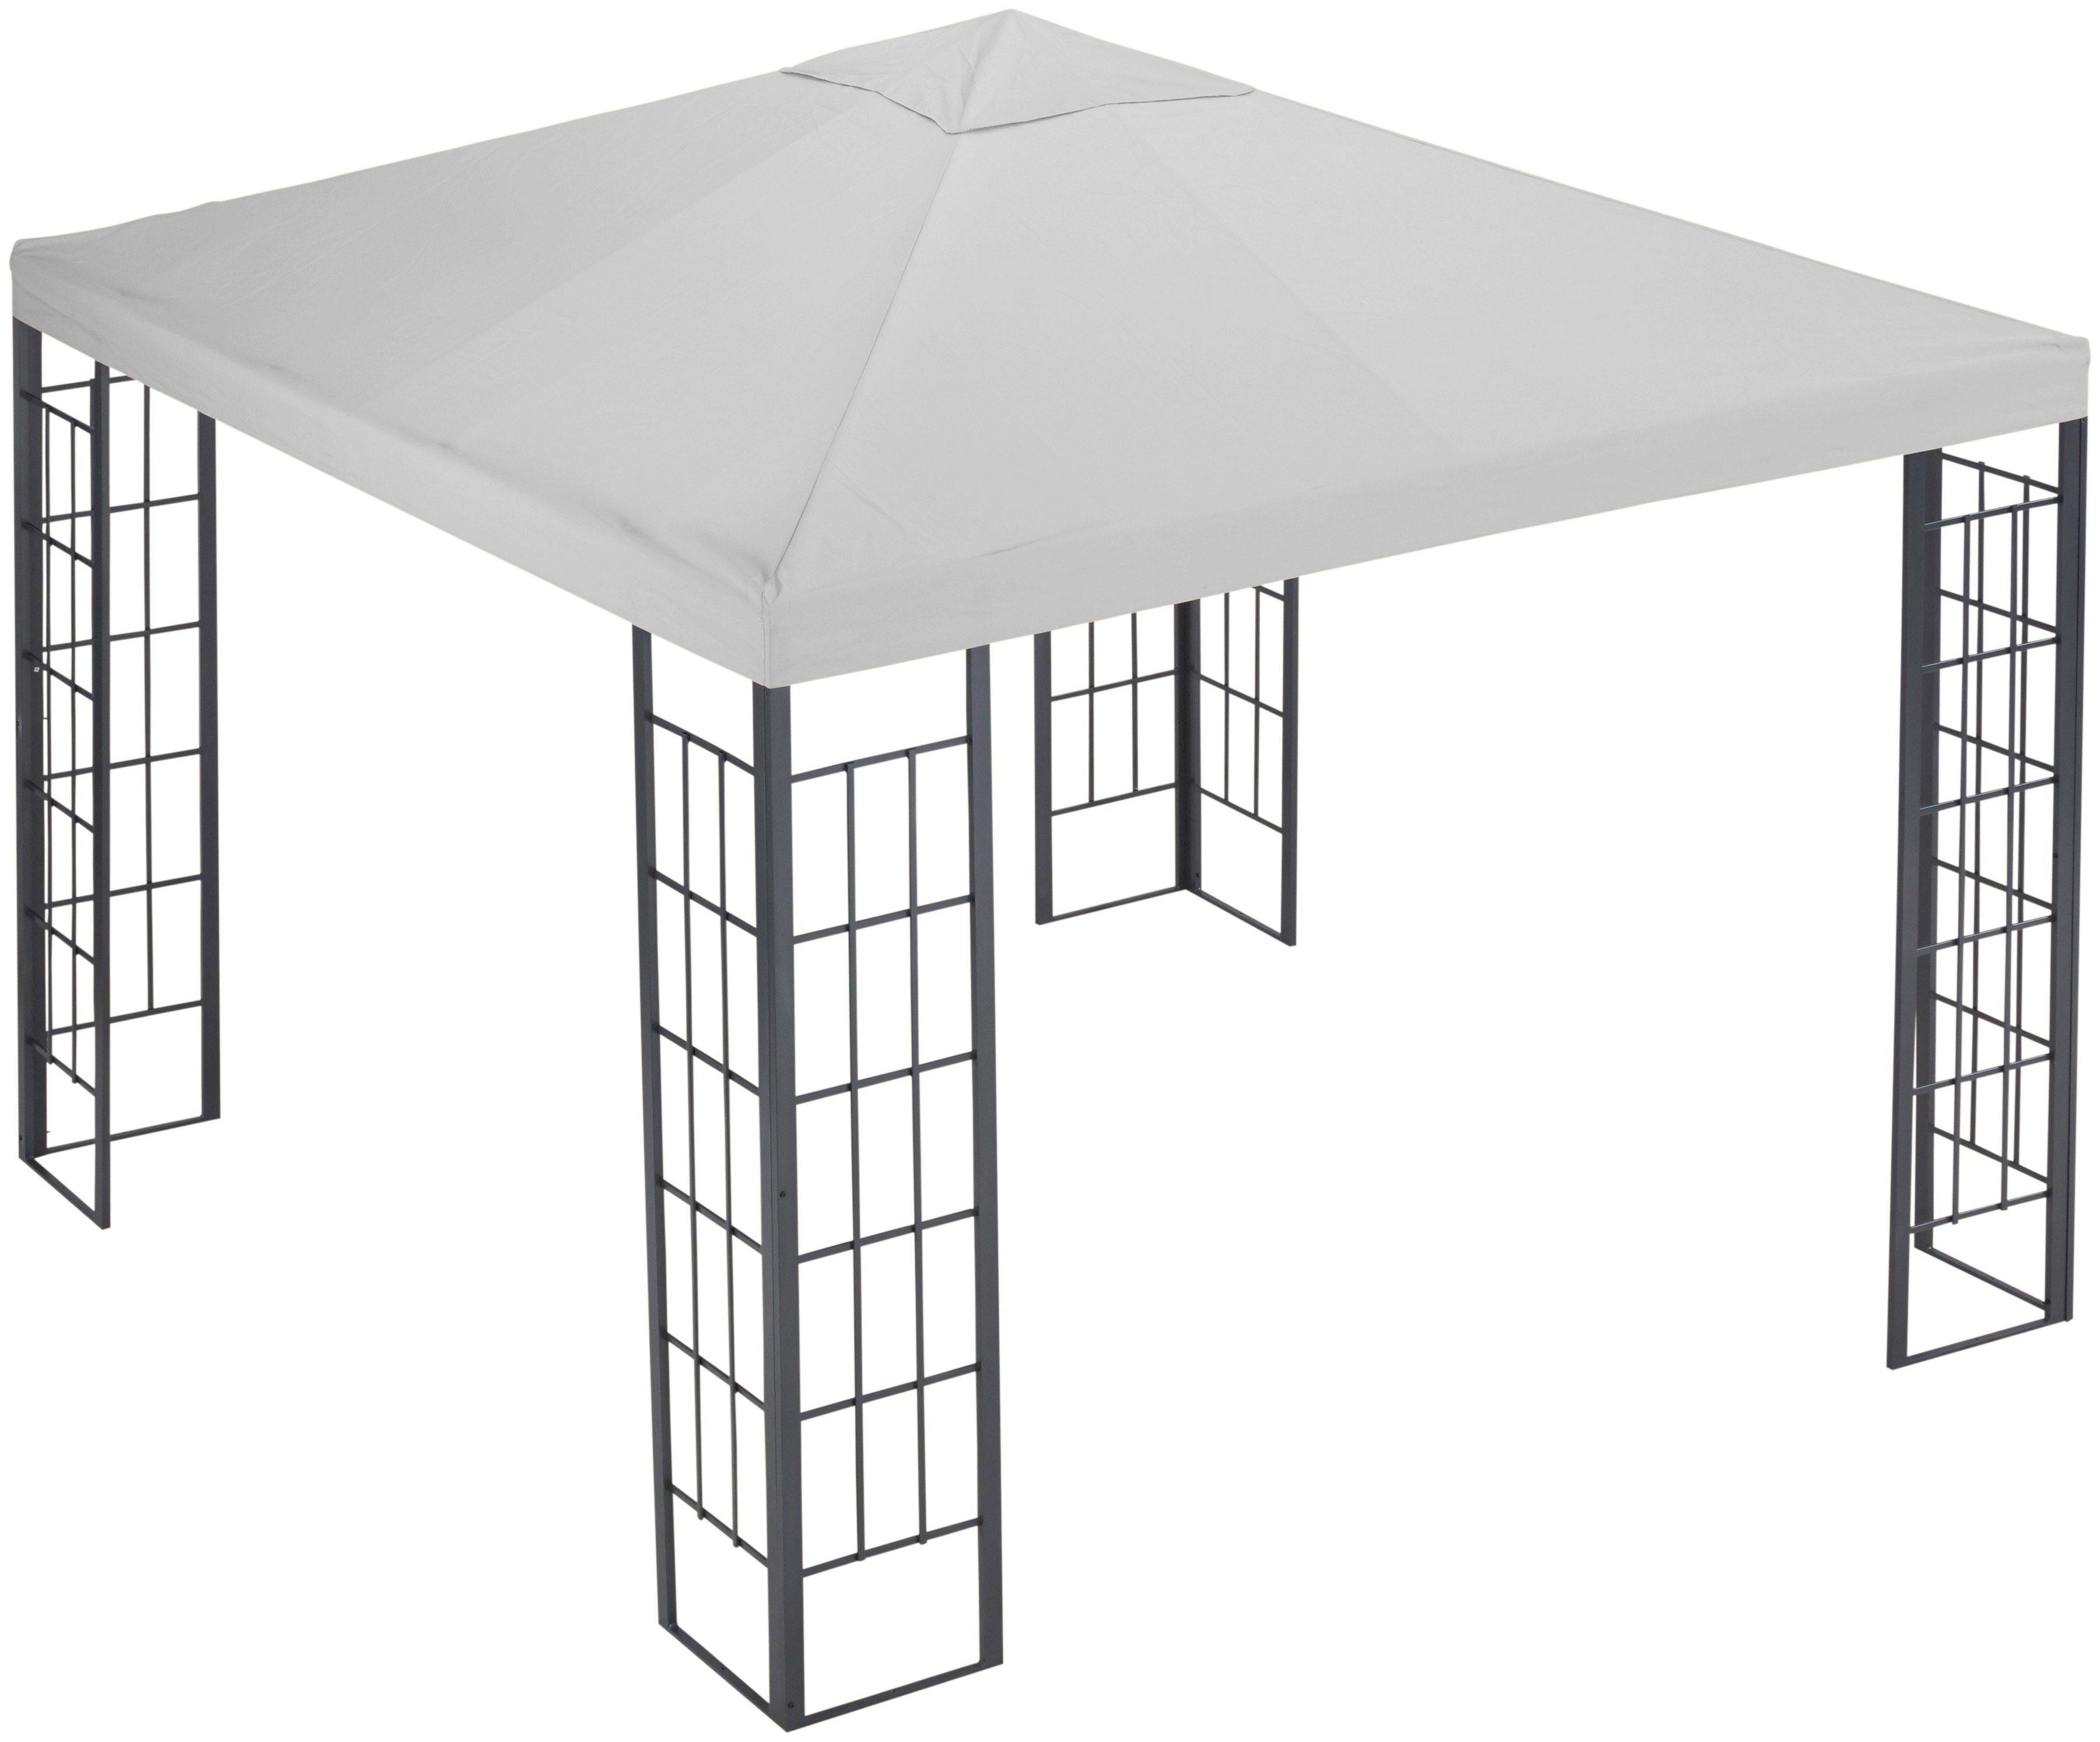 Ersatzdach für Pavillon, »Aluminium«   Garten > Pavillons   Polyester